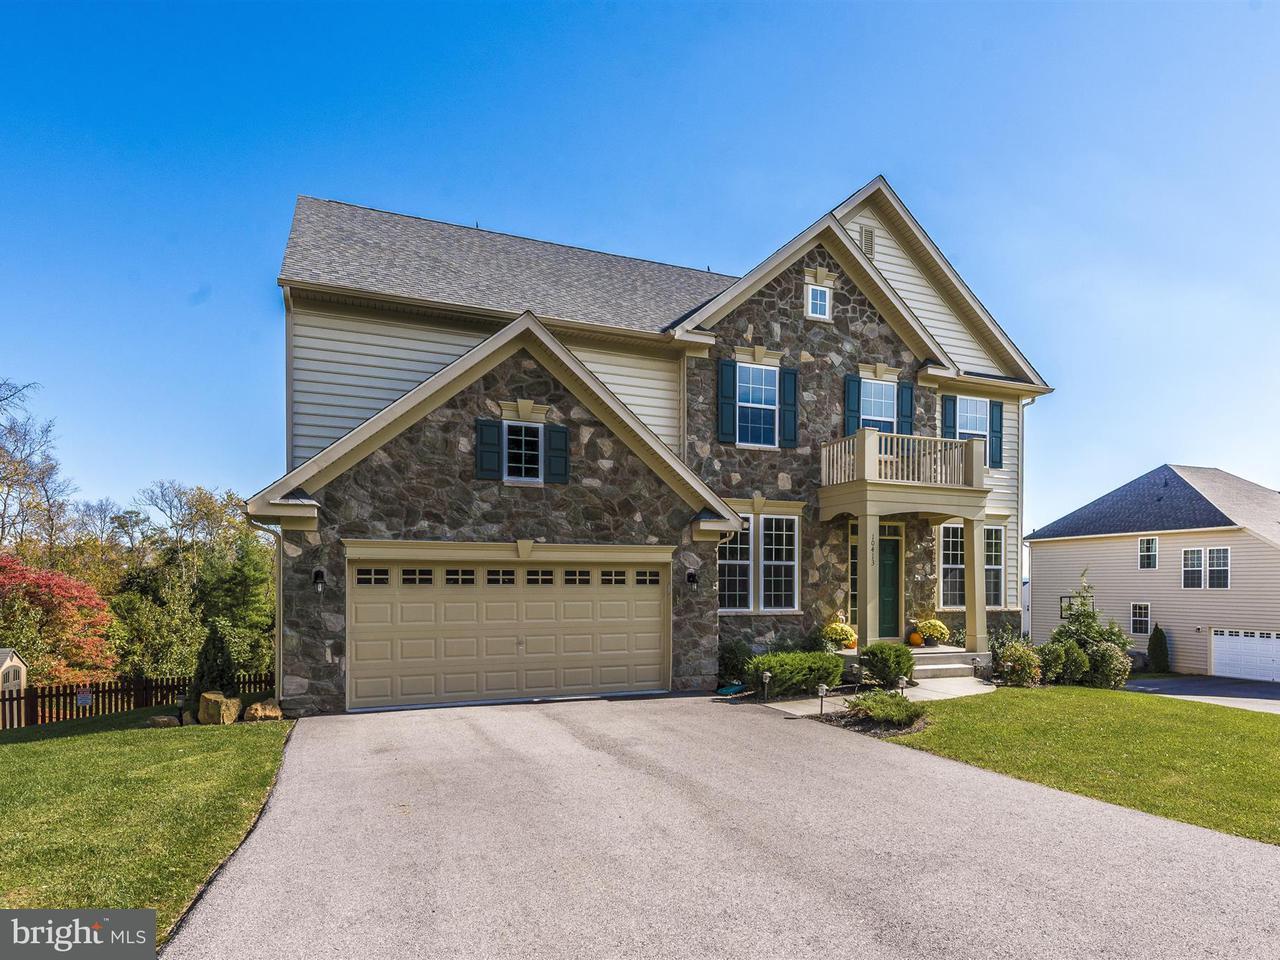 独户住宅 为 销售 在 10413 Easterday Road 10413 Easterday Road Myersville, 马里兰州 21773 美国